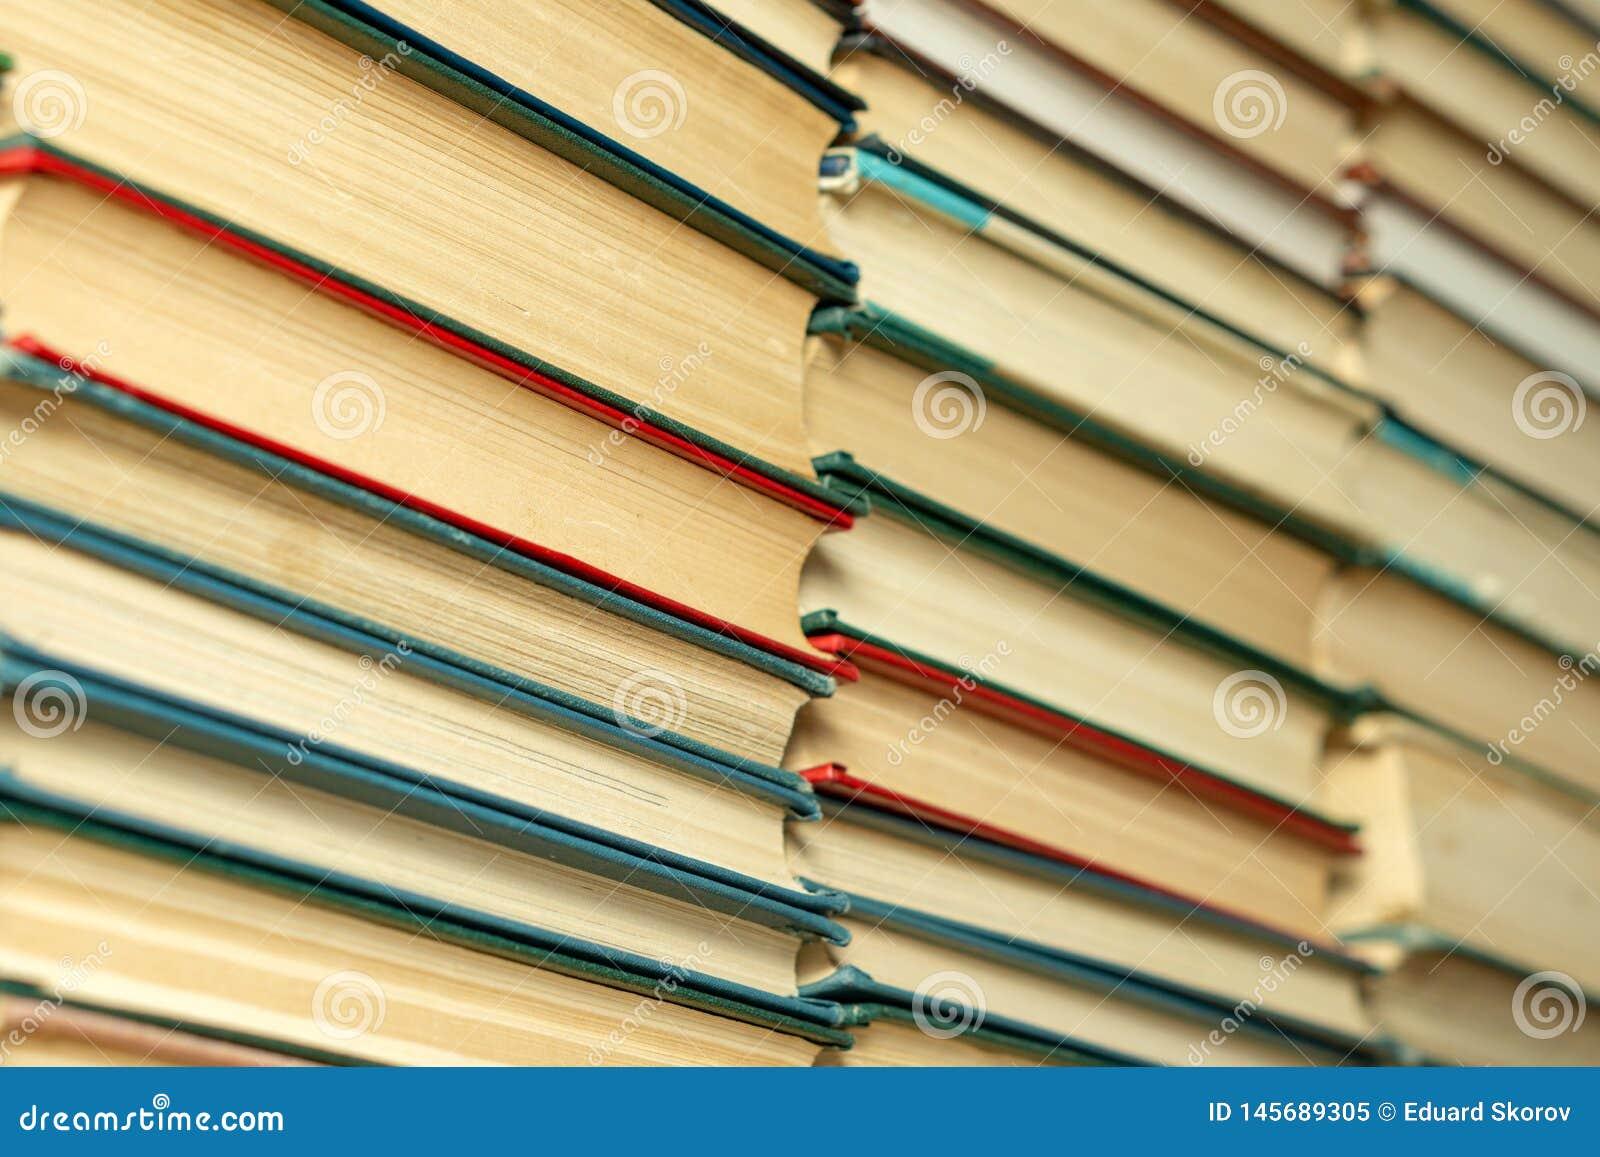 Livros velhos em uma tabela de madeira biblioteca